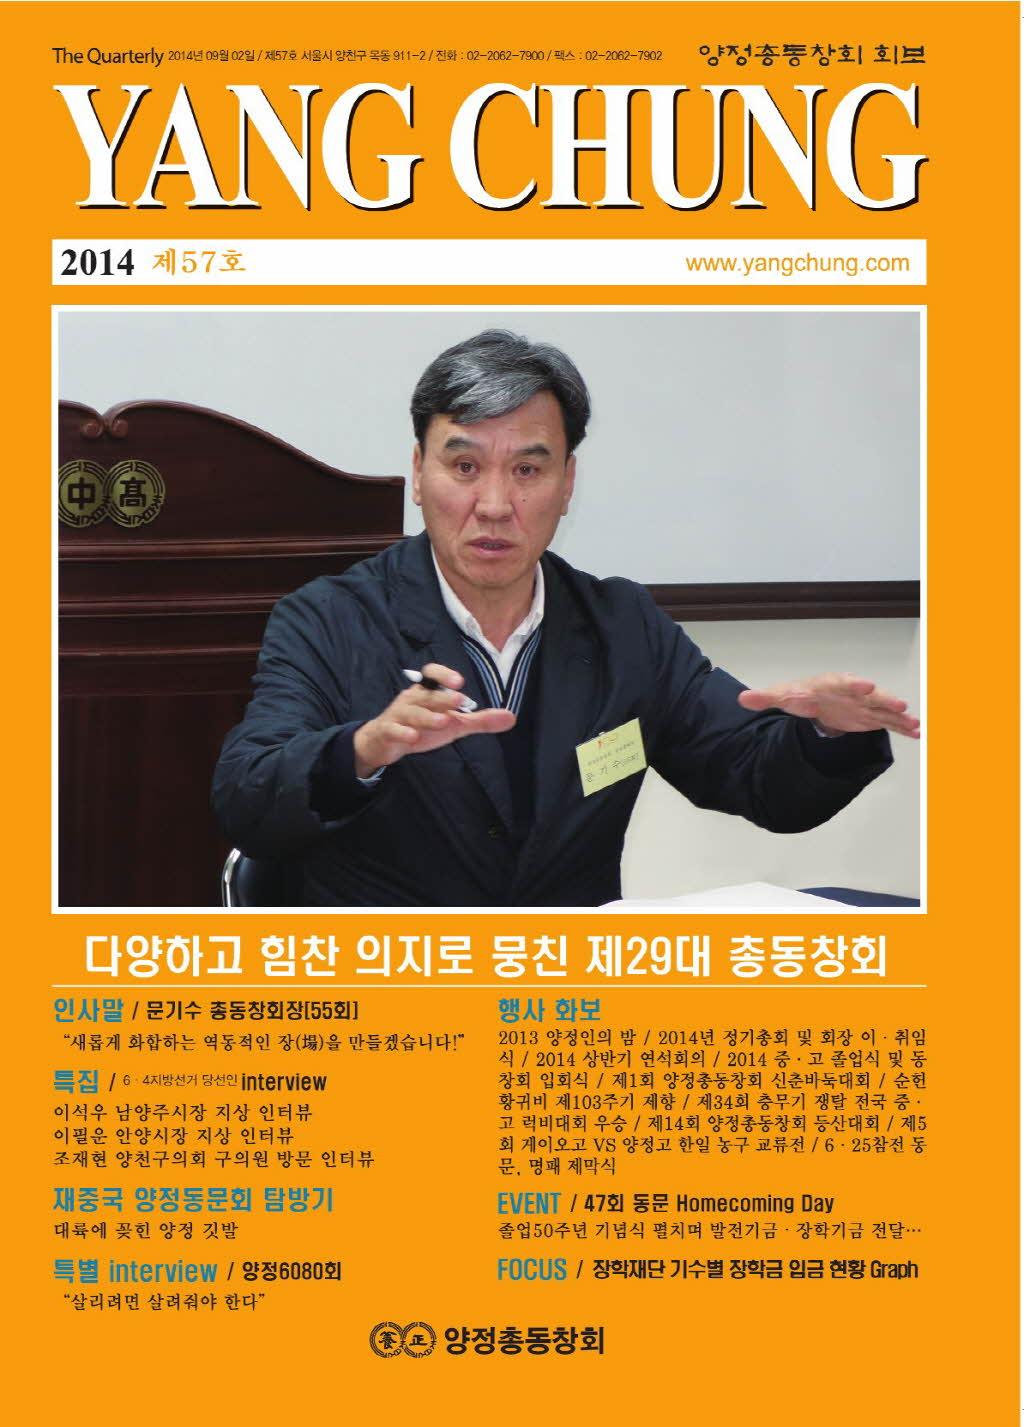 양정 57호 회보(2014년 9월)